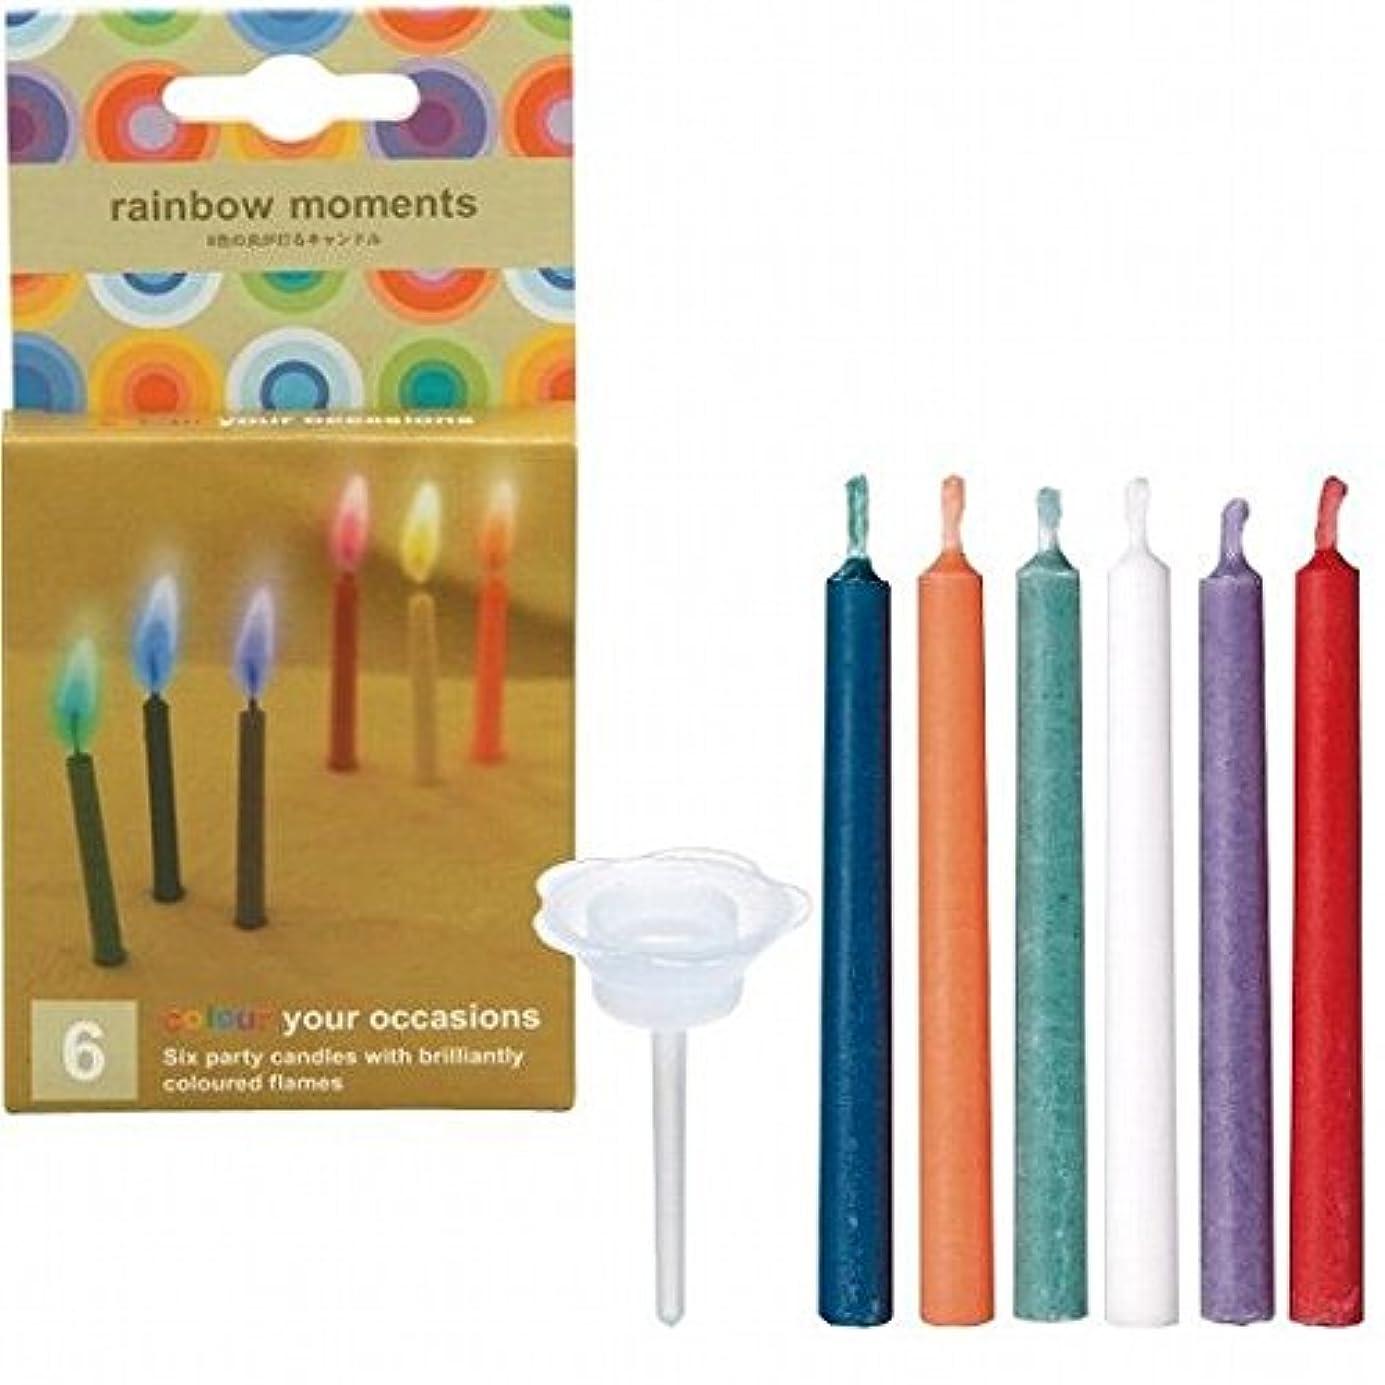 瞑想する欠陥酸化するkameyama candle(カメヤマキャンドル) rainbowmoments(レインボーモーメント)6色6本入り 「 6本入り 」 キャンドル(56050000)